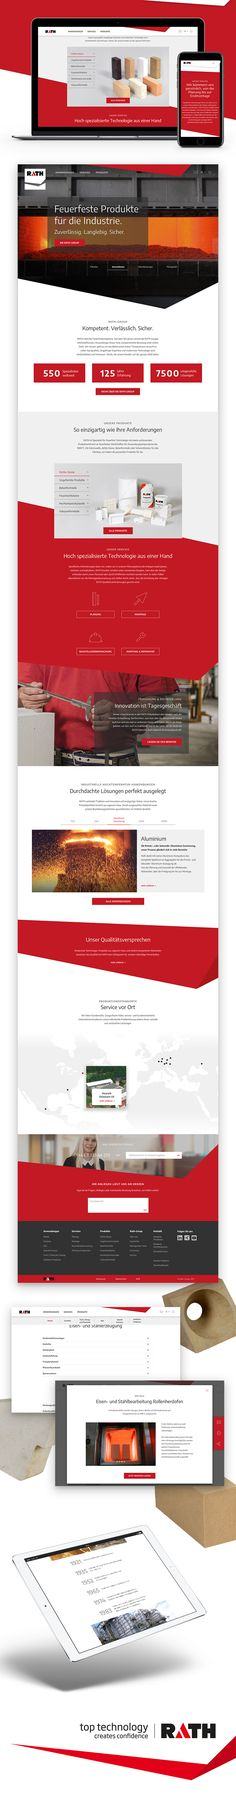 Konzeption, Design und Programmierung der neuen Corporate Website des B2B Feuerfestlösung Anbieters RATH. Corporate, Website Designs, Design Websites, Website Layout, Web Design, Design Web